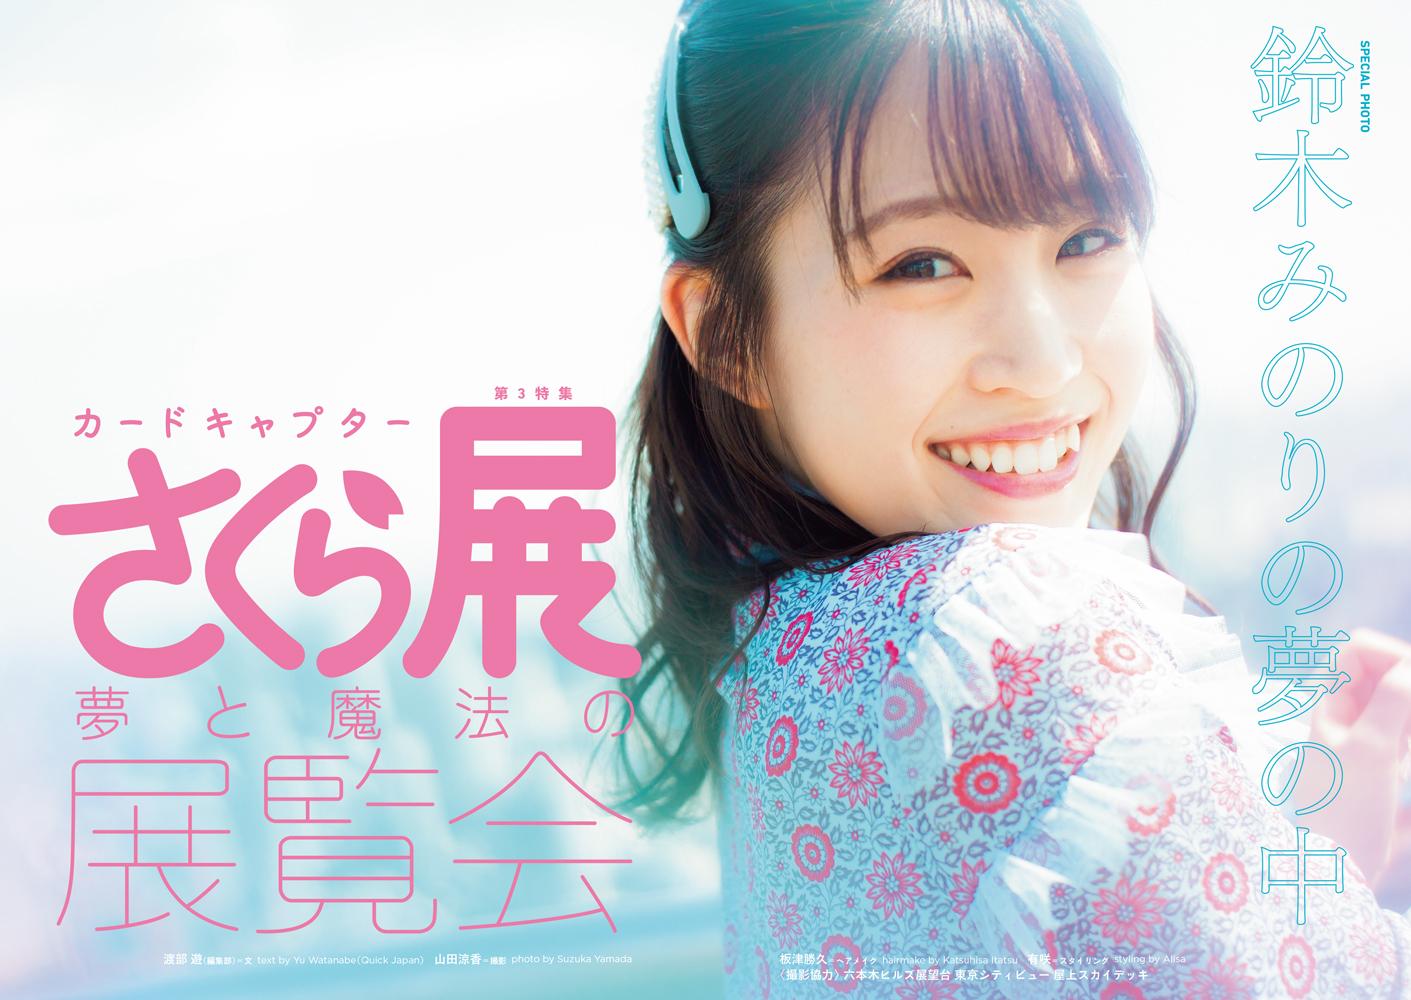 sakura-tobira.jpg